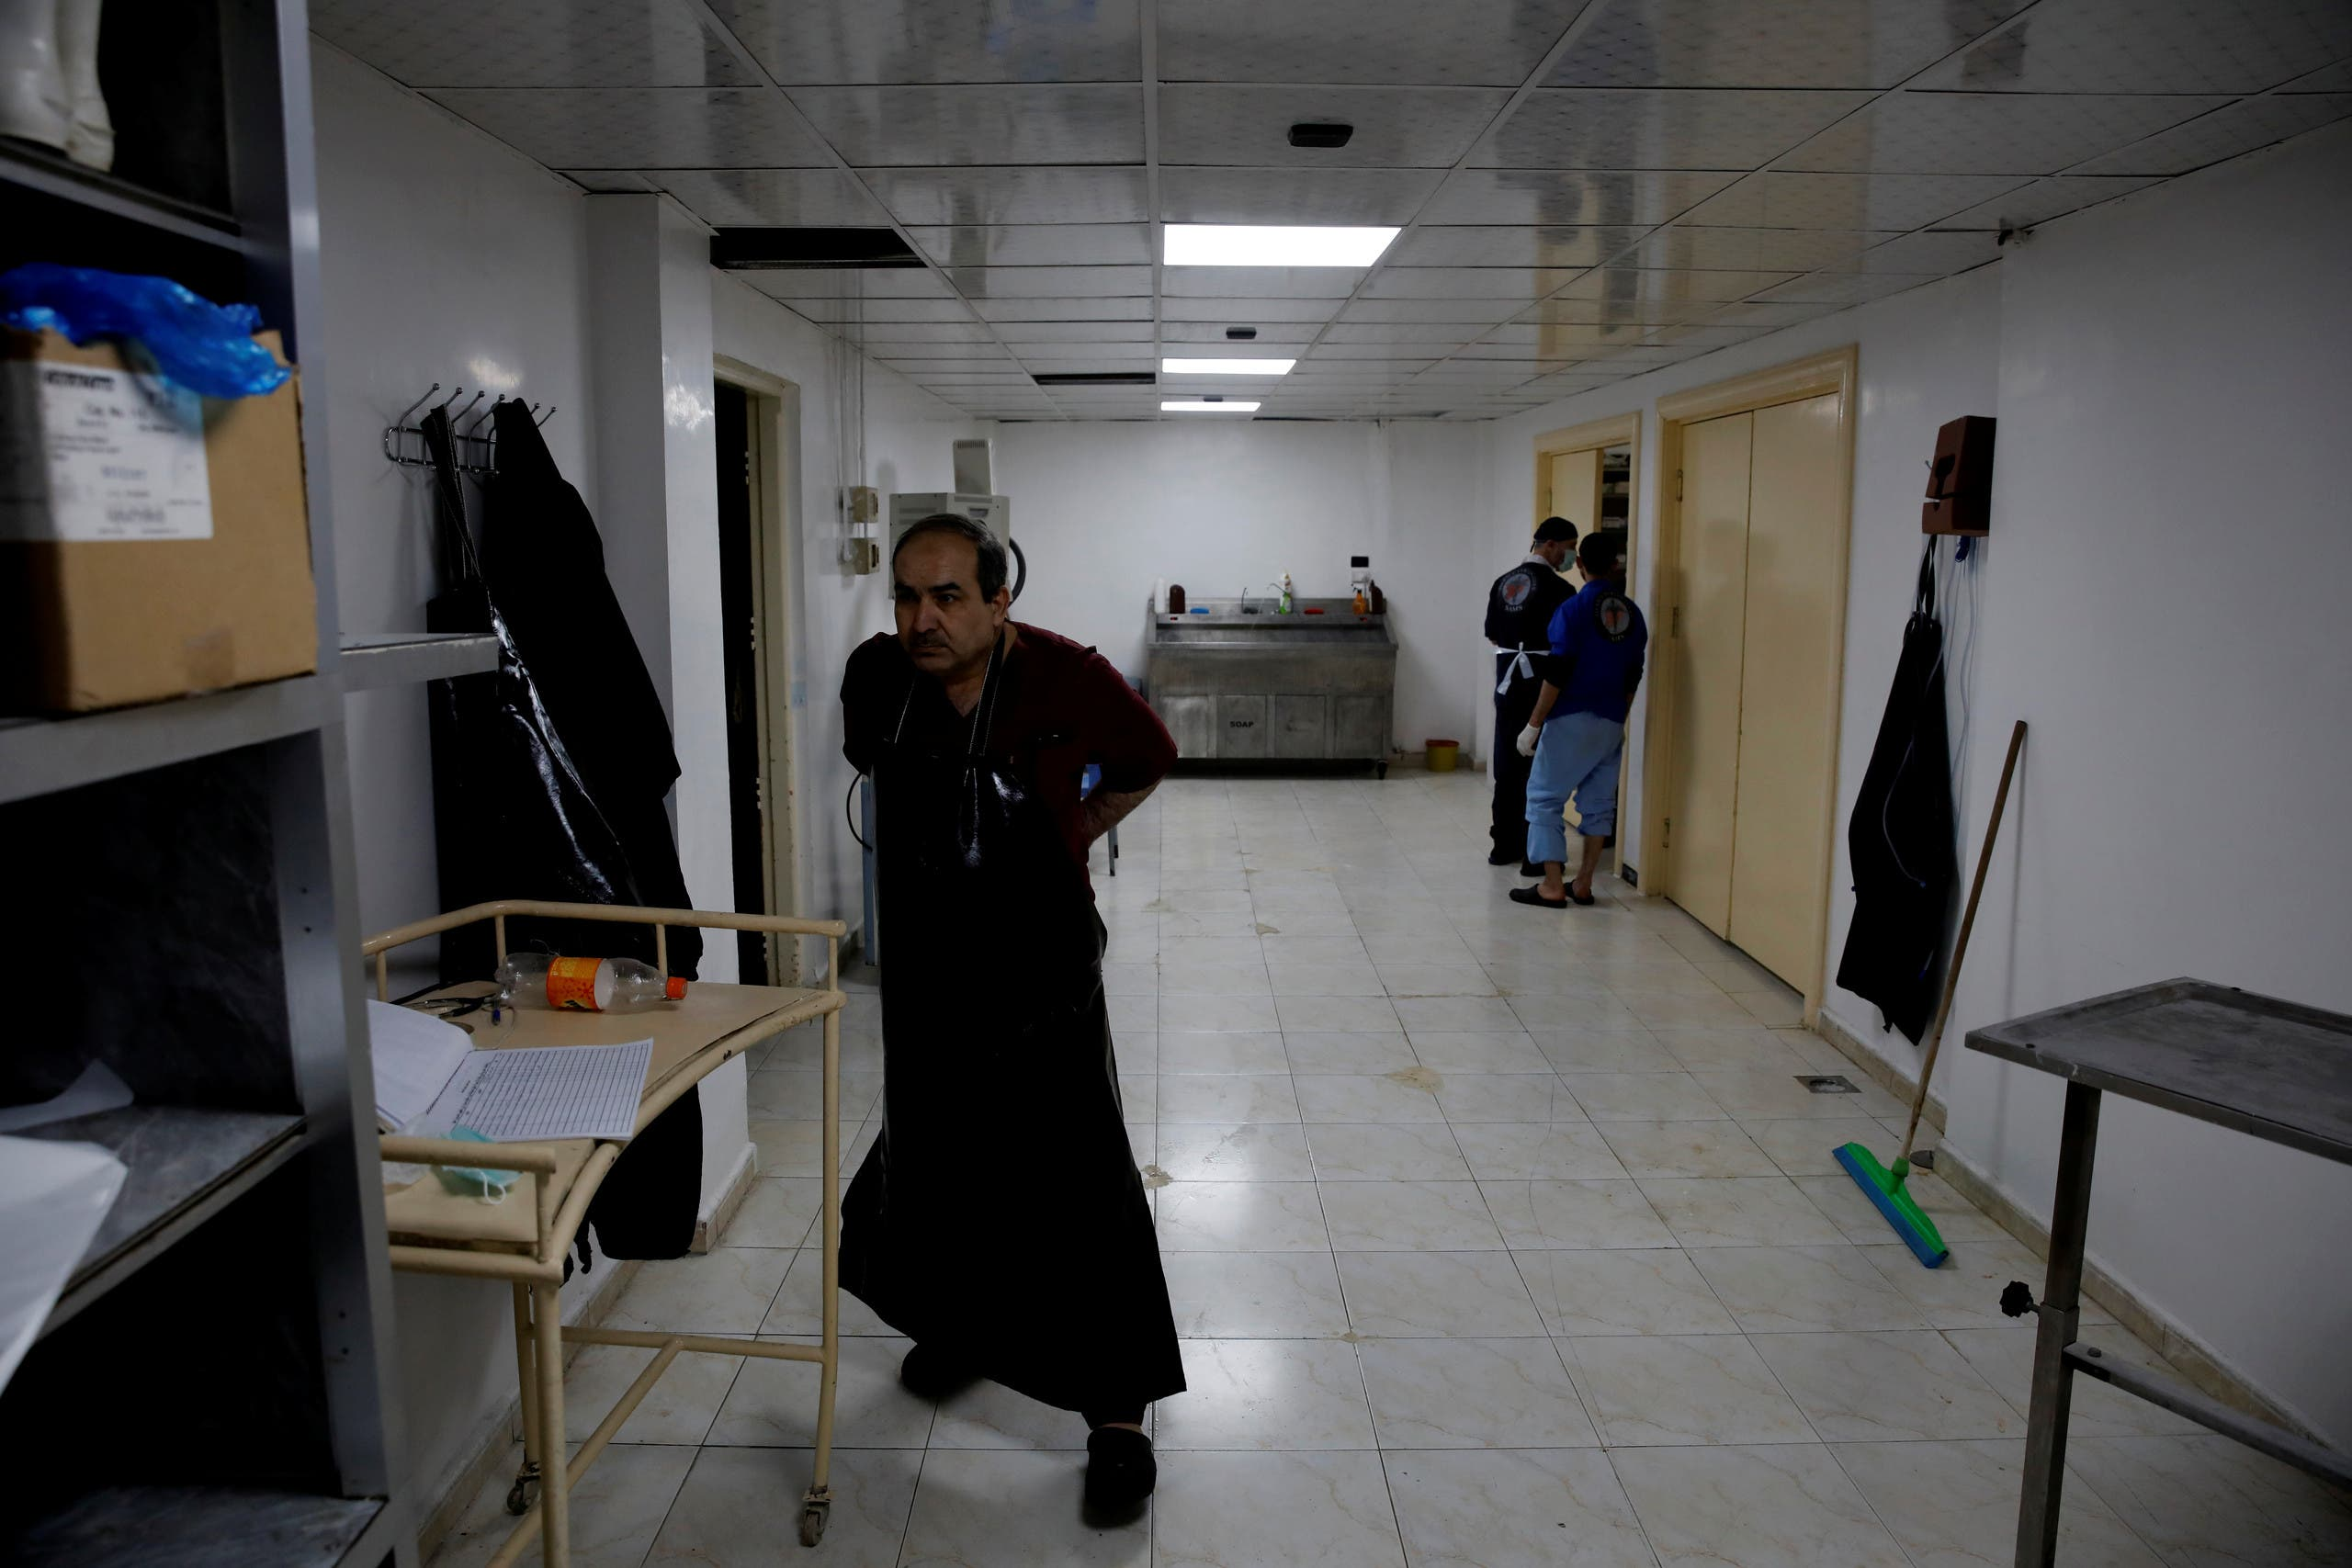 داخل یک بیمارستان فرسوده در ادلب (بایگانی)